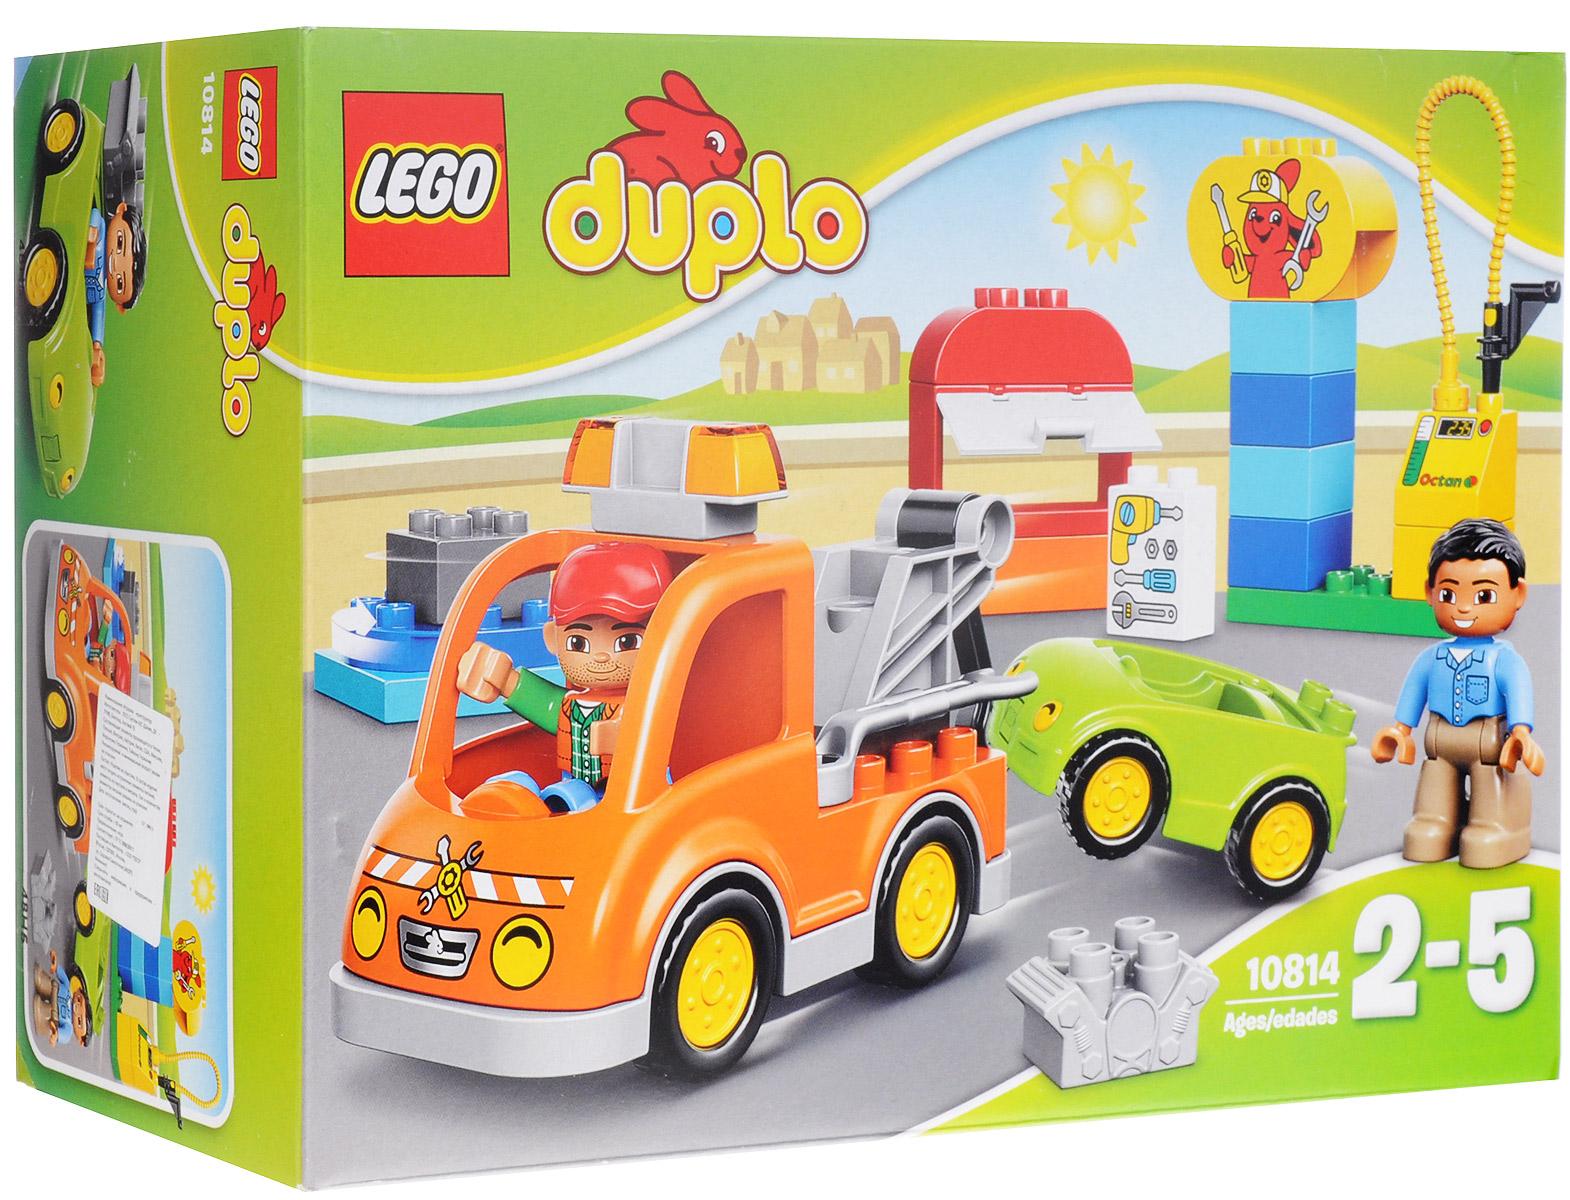 LEGO DUPLO Конструктор Буксировщик 10814